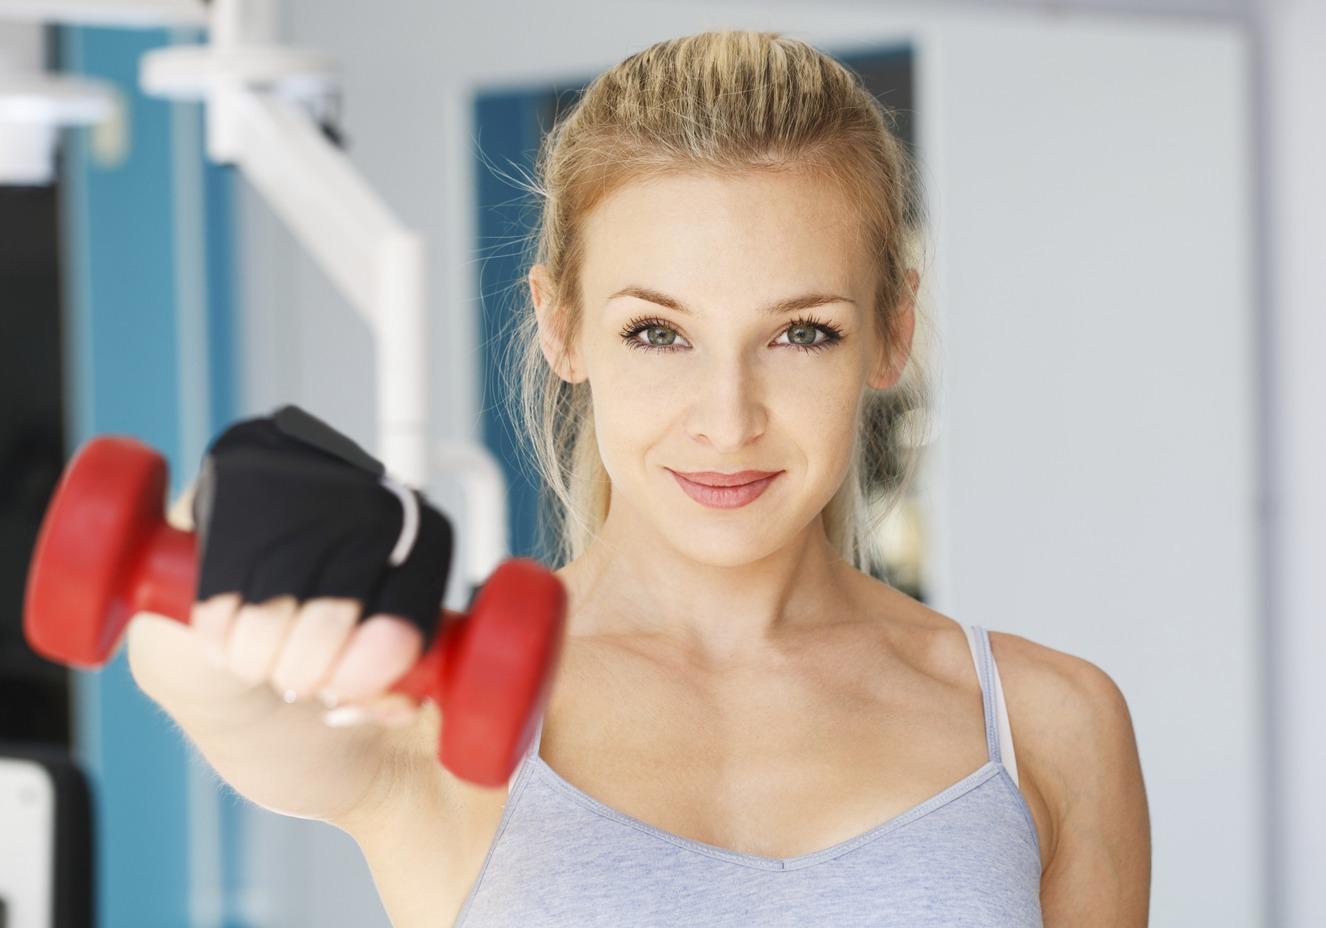 mulher branca fazendo exercicio na academia com disposicao graças ao keto boost